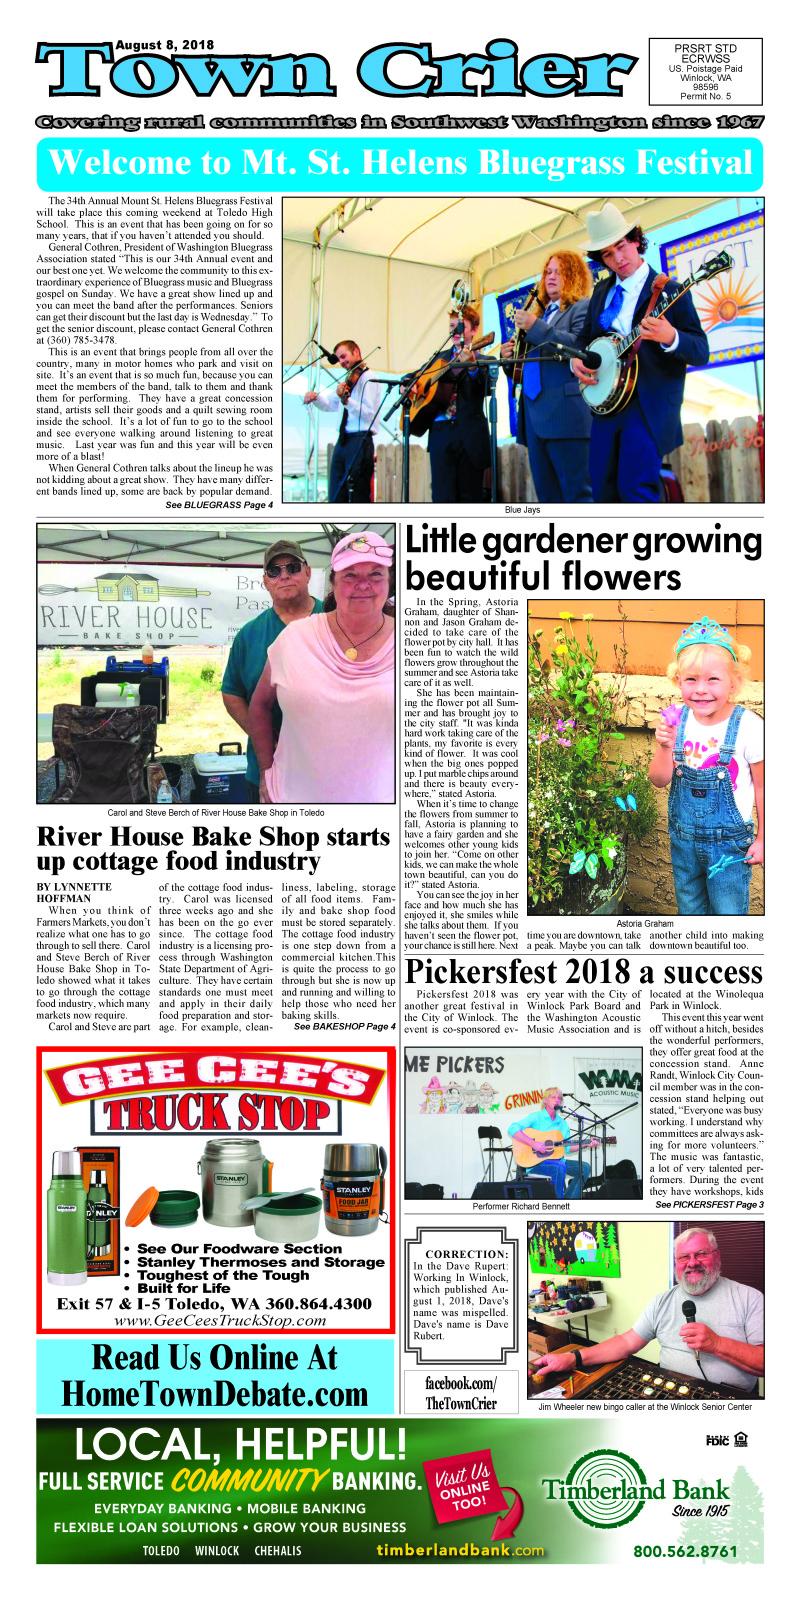 Town Crier August 8, 2018